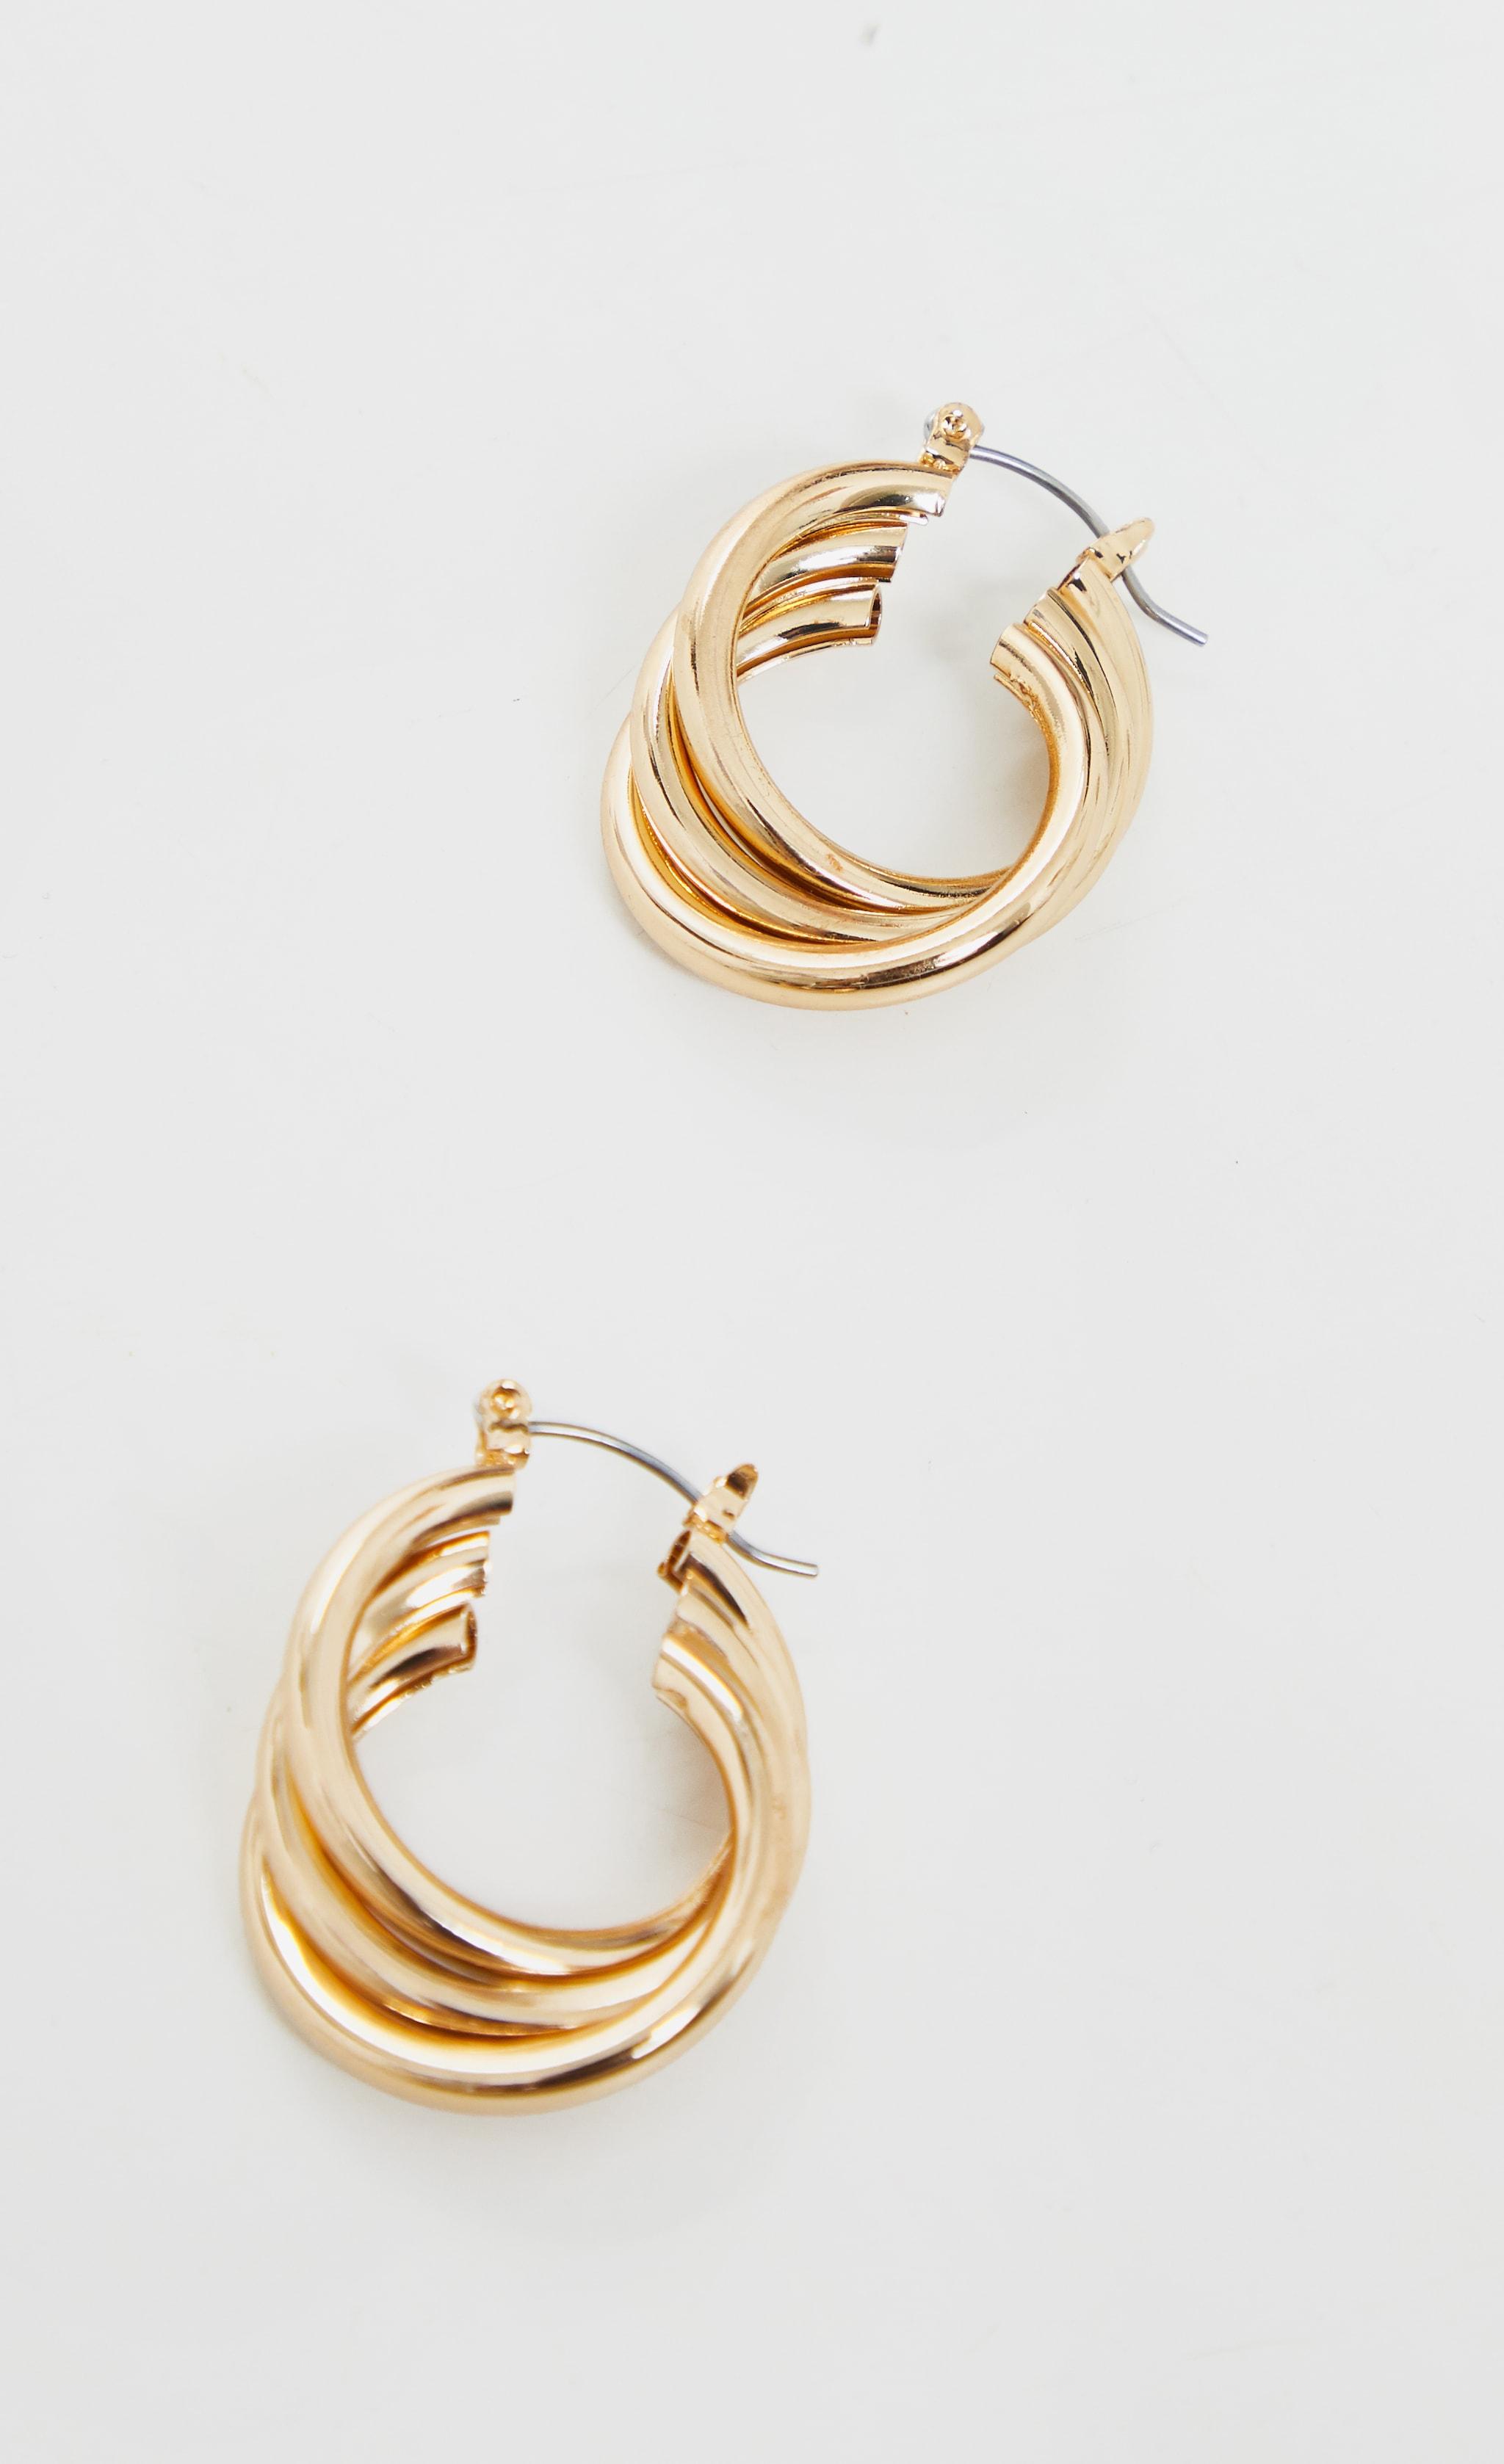 Gold Triple Twist Hoop Earrings 2